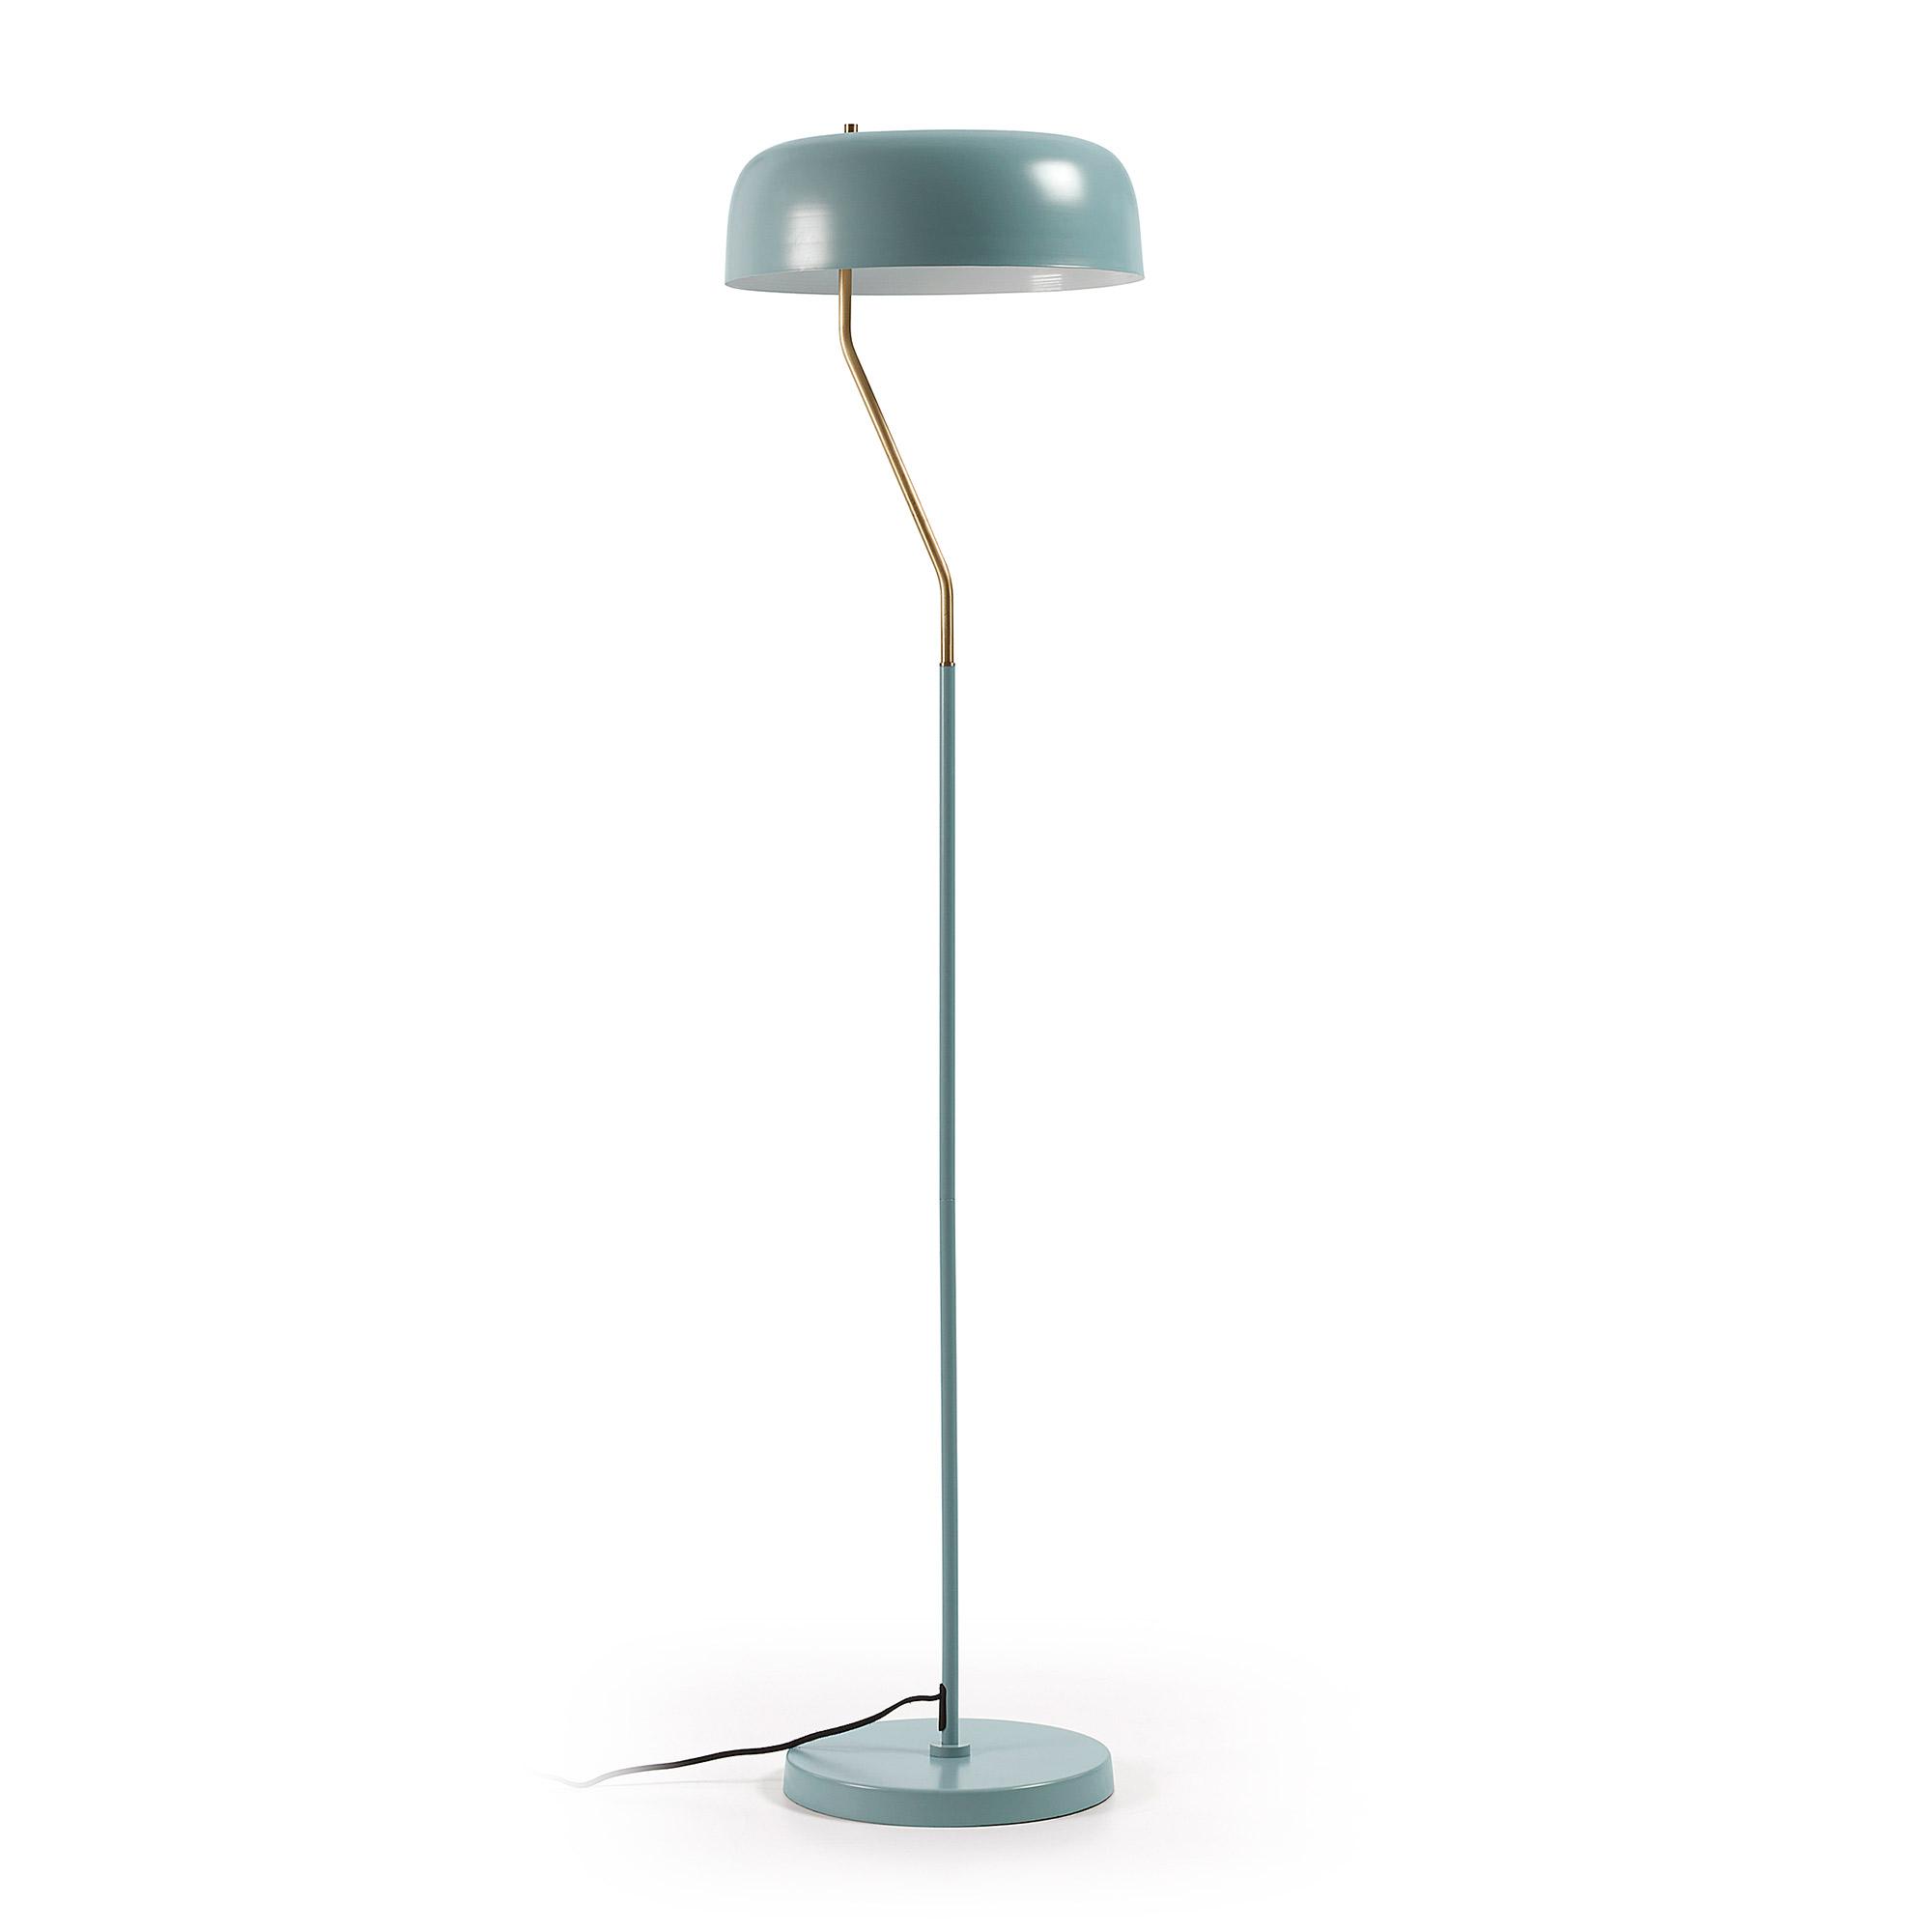 Kave Home Vloerlamp 'Verse', kleur Lichtblauw